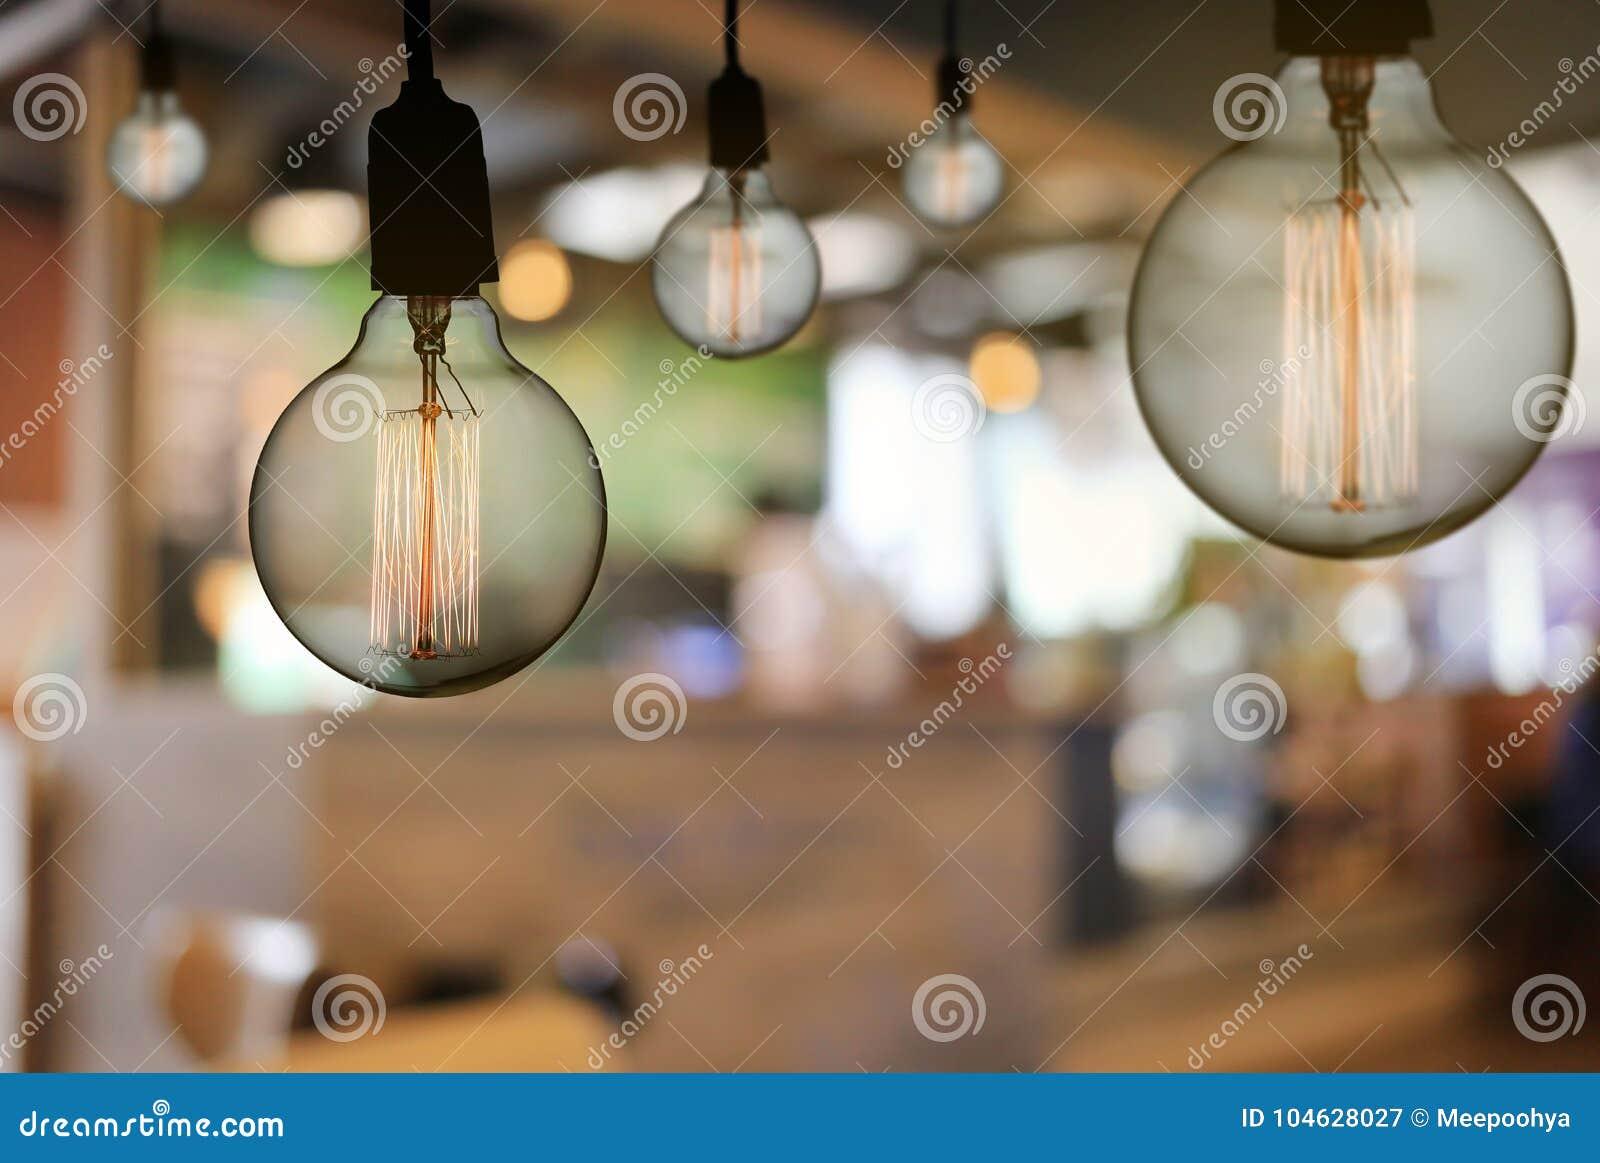 Download De Uitstekende Lamp Of De Moderne Gloeilamp Hangt Op Plafond In Restaur Stock Afbeelding - Afbeelding bestaande uit art, metaal: 104628027